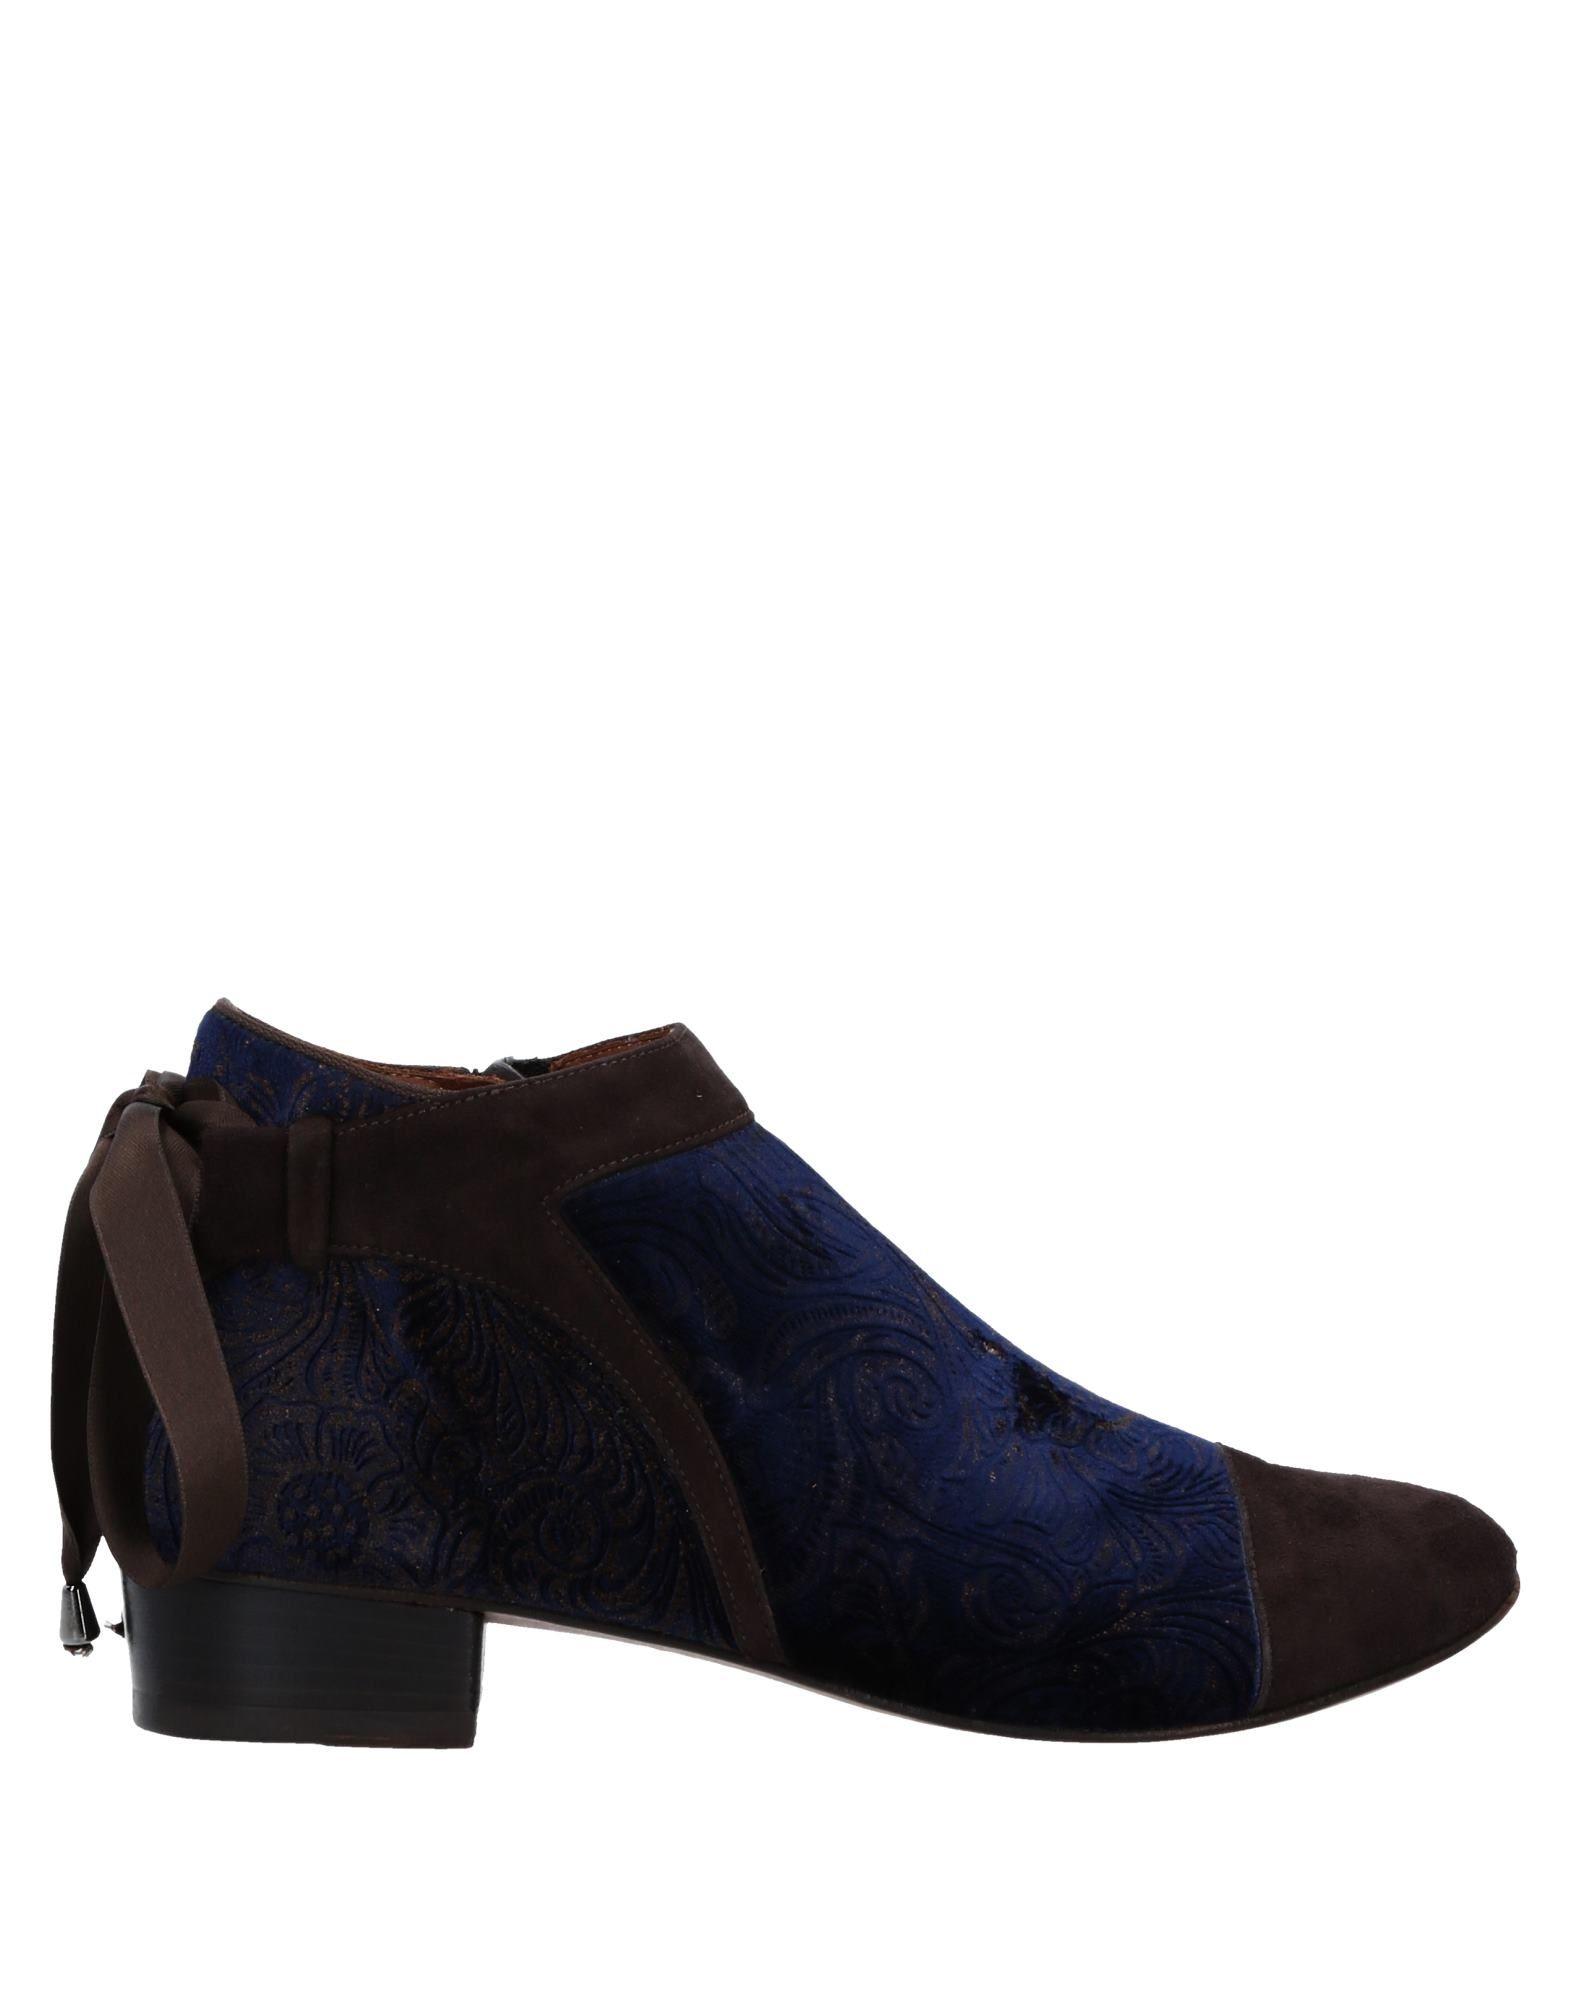 Kudetà Stiefelette Damen  11539867RQGut aussehende strapazierfähige Schuhe